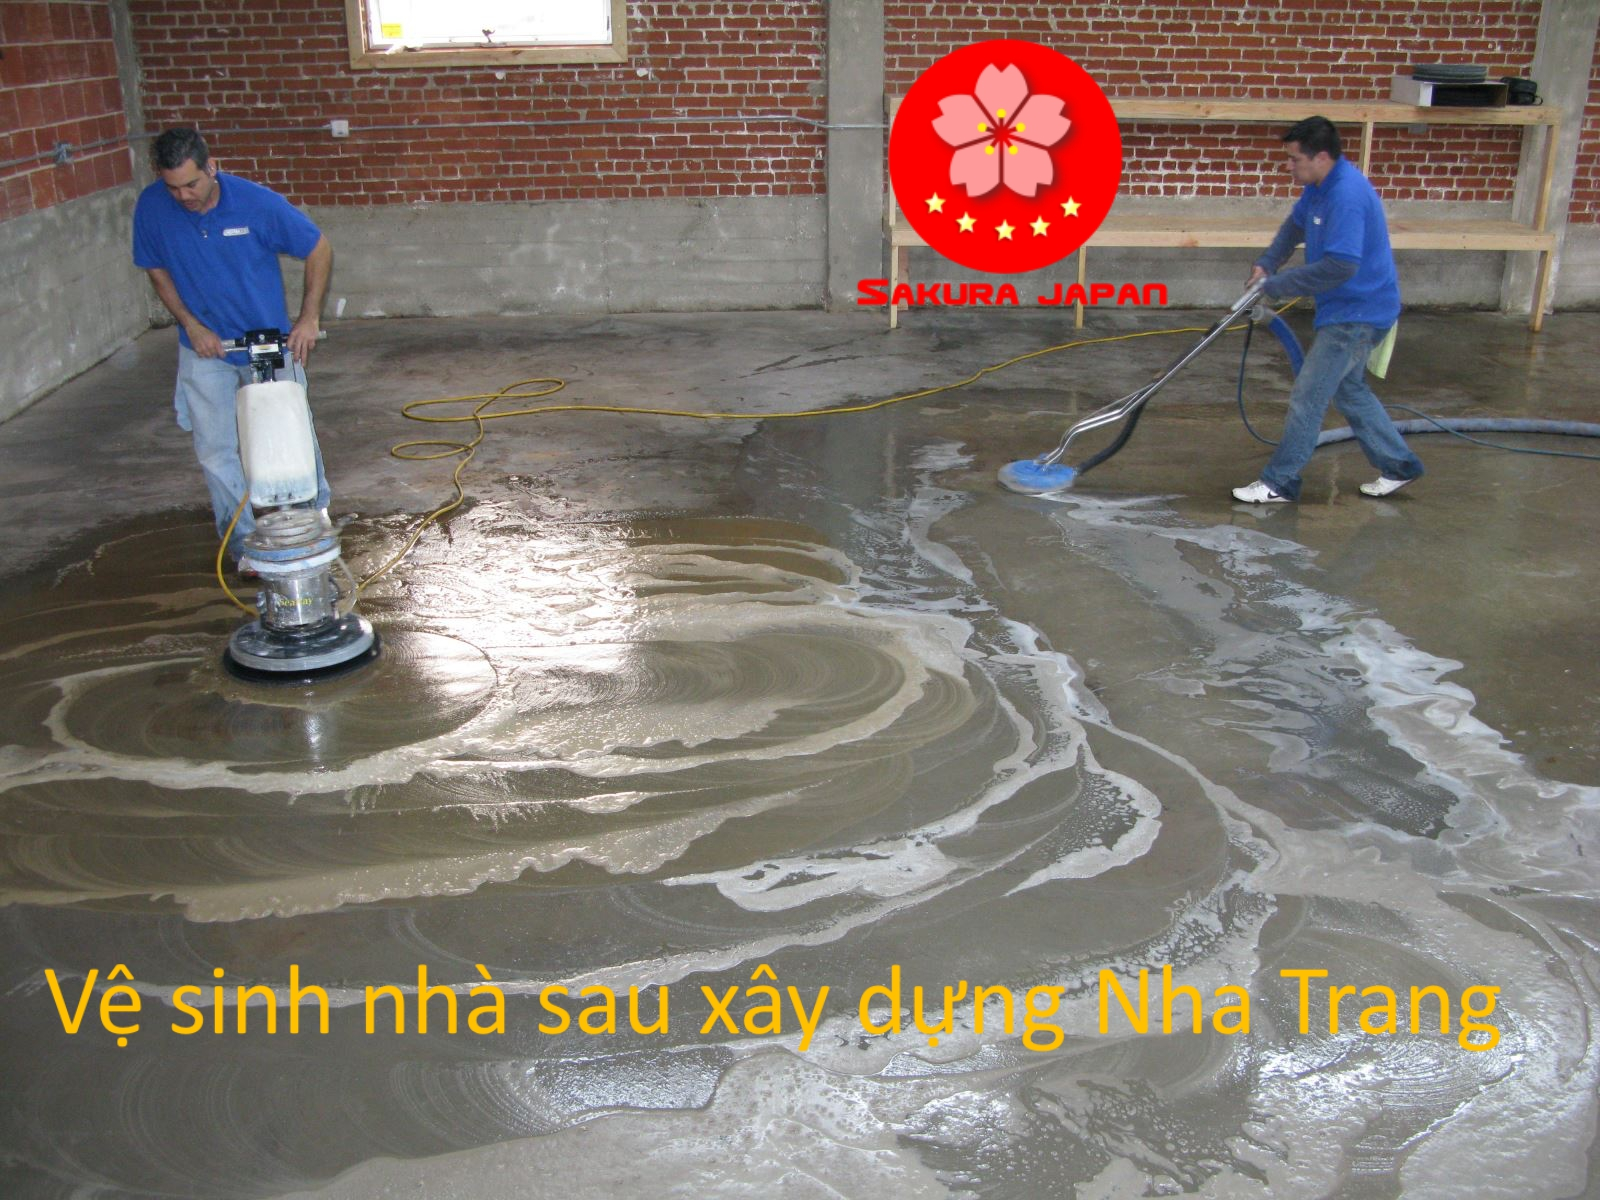 Dịch vụ Tổng vệ sinh nhà sau xây dựng Nha Trang